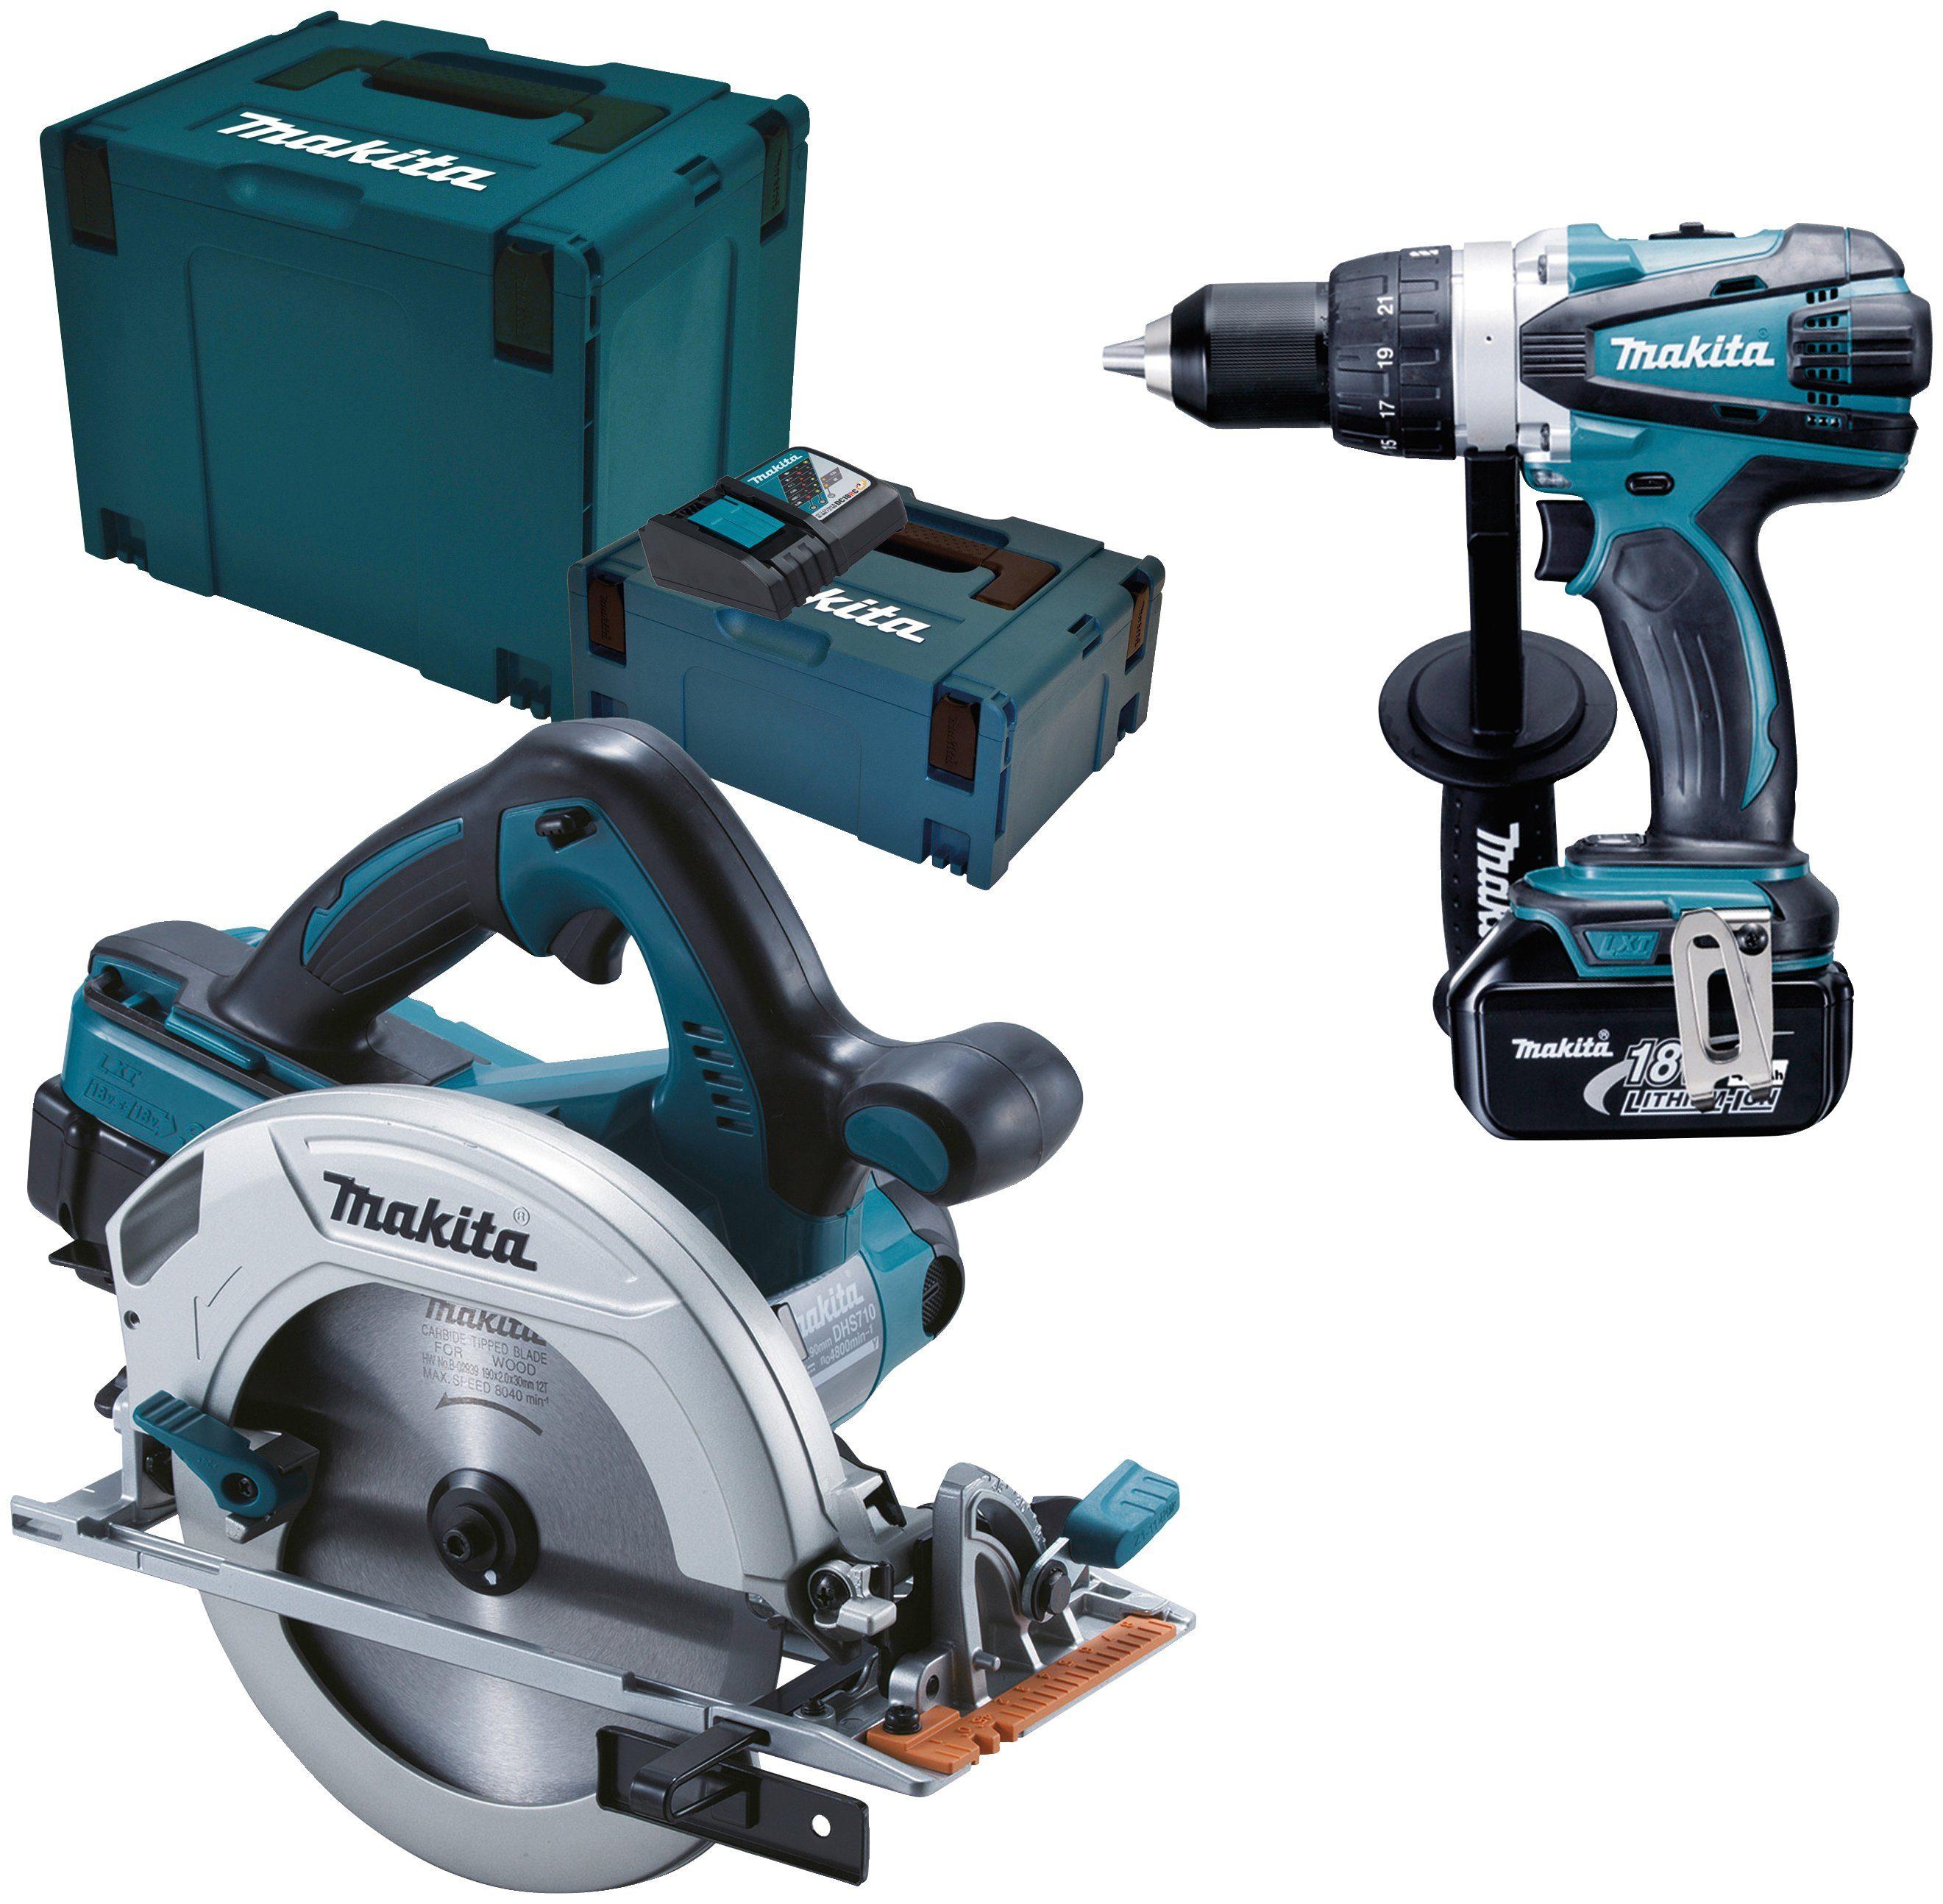 MAKITA Werkzeugset »DLX2083MJ«, 18,0 V (DHS710 + DDF458 + DC18RC + MAKPAC)